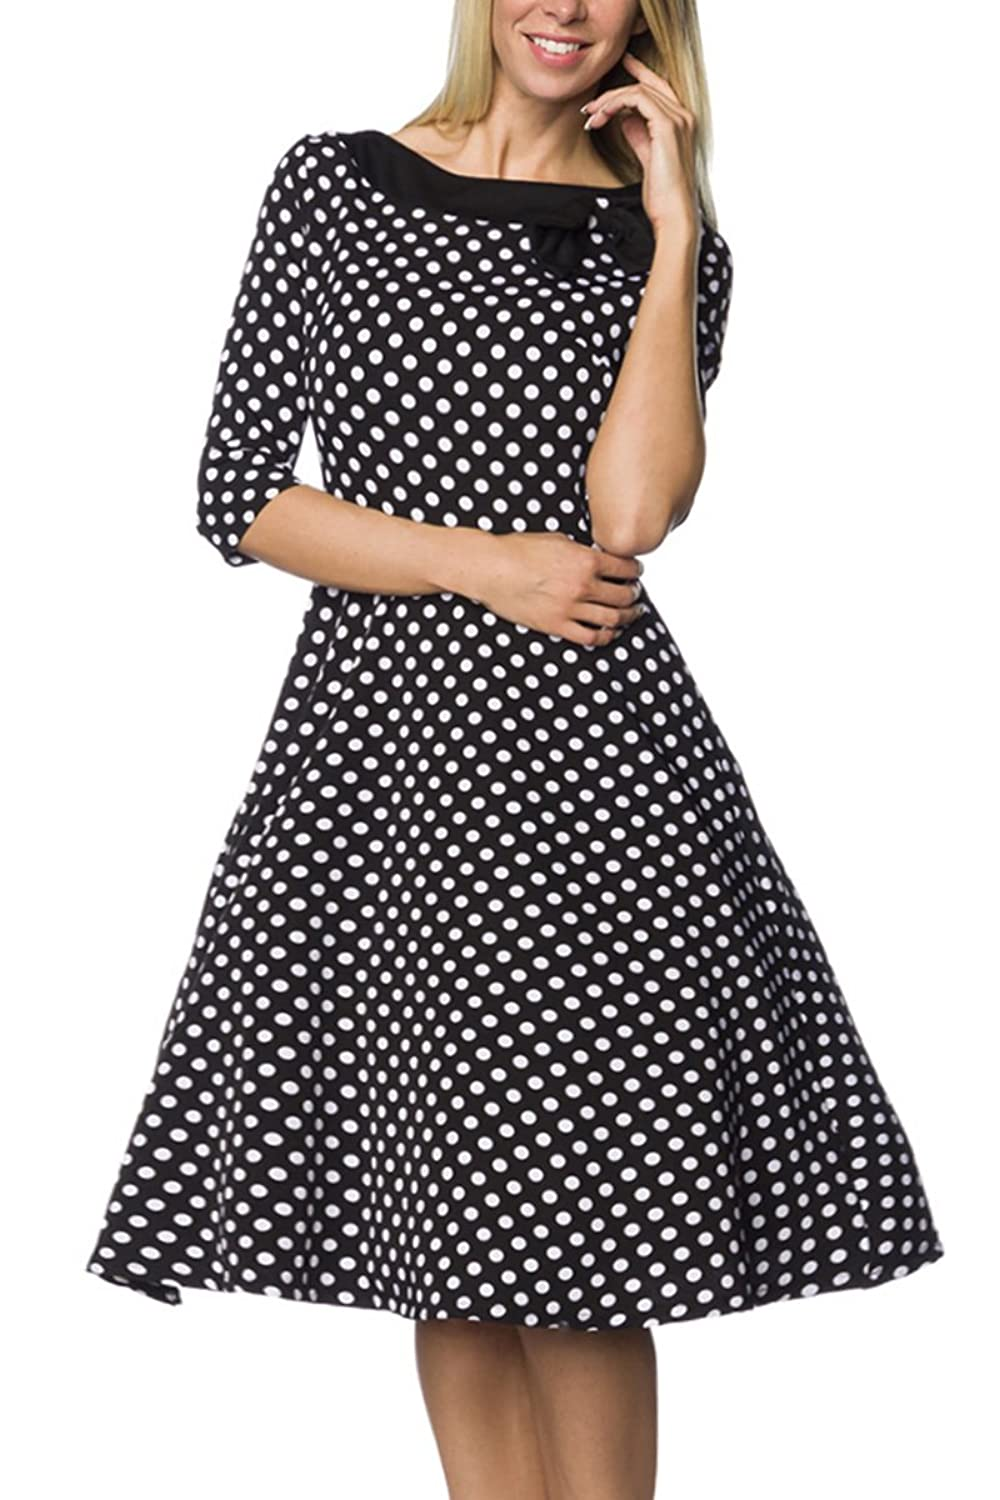 Schwarzes Rockabilly retro Kleid in schwarz mit weißen Punkten mit Reißverschluss Vinatge Kleid knielang